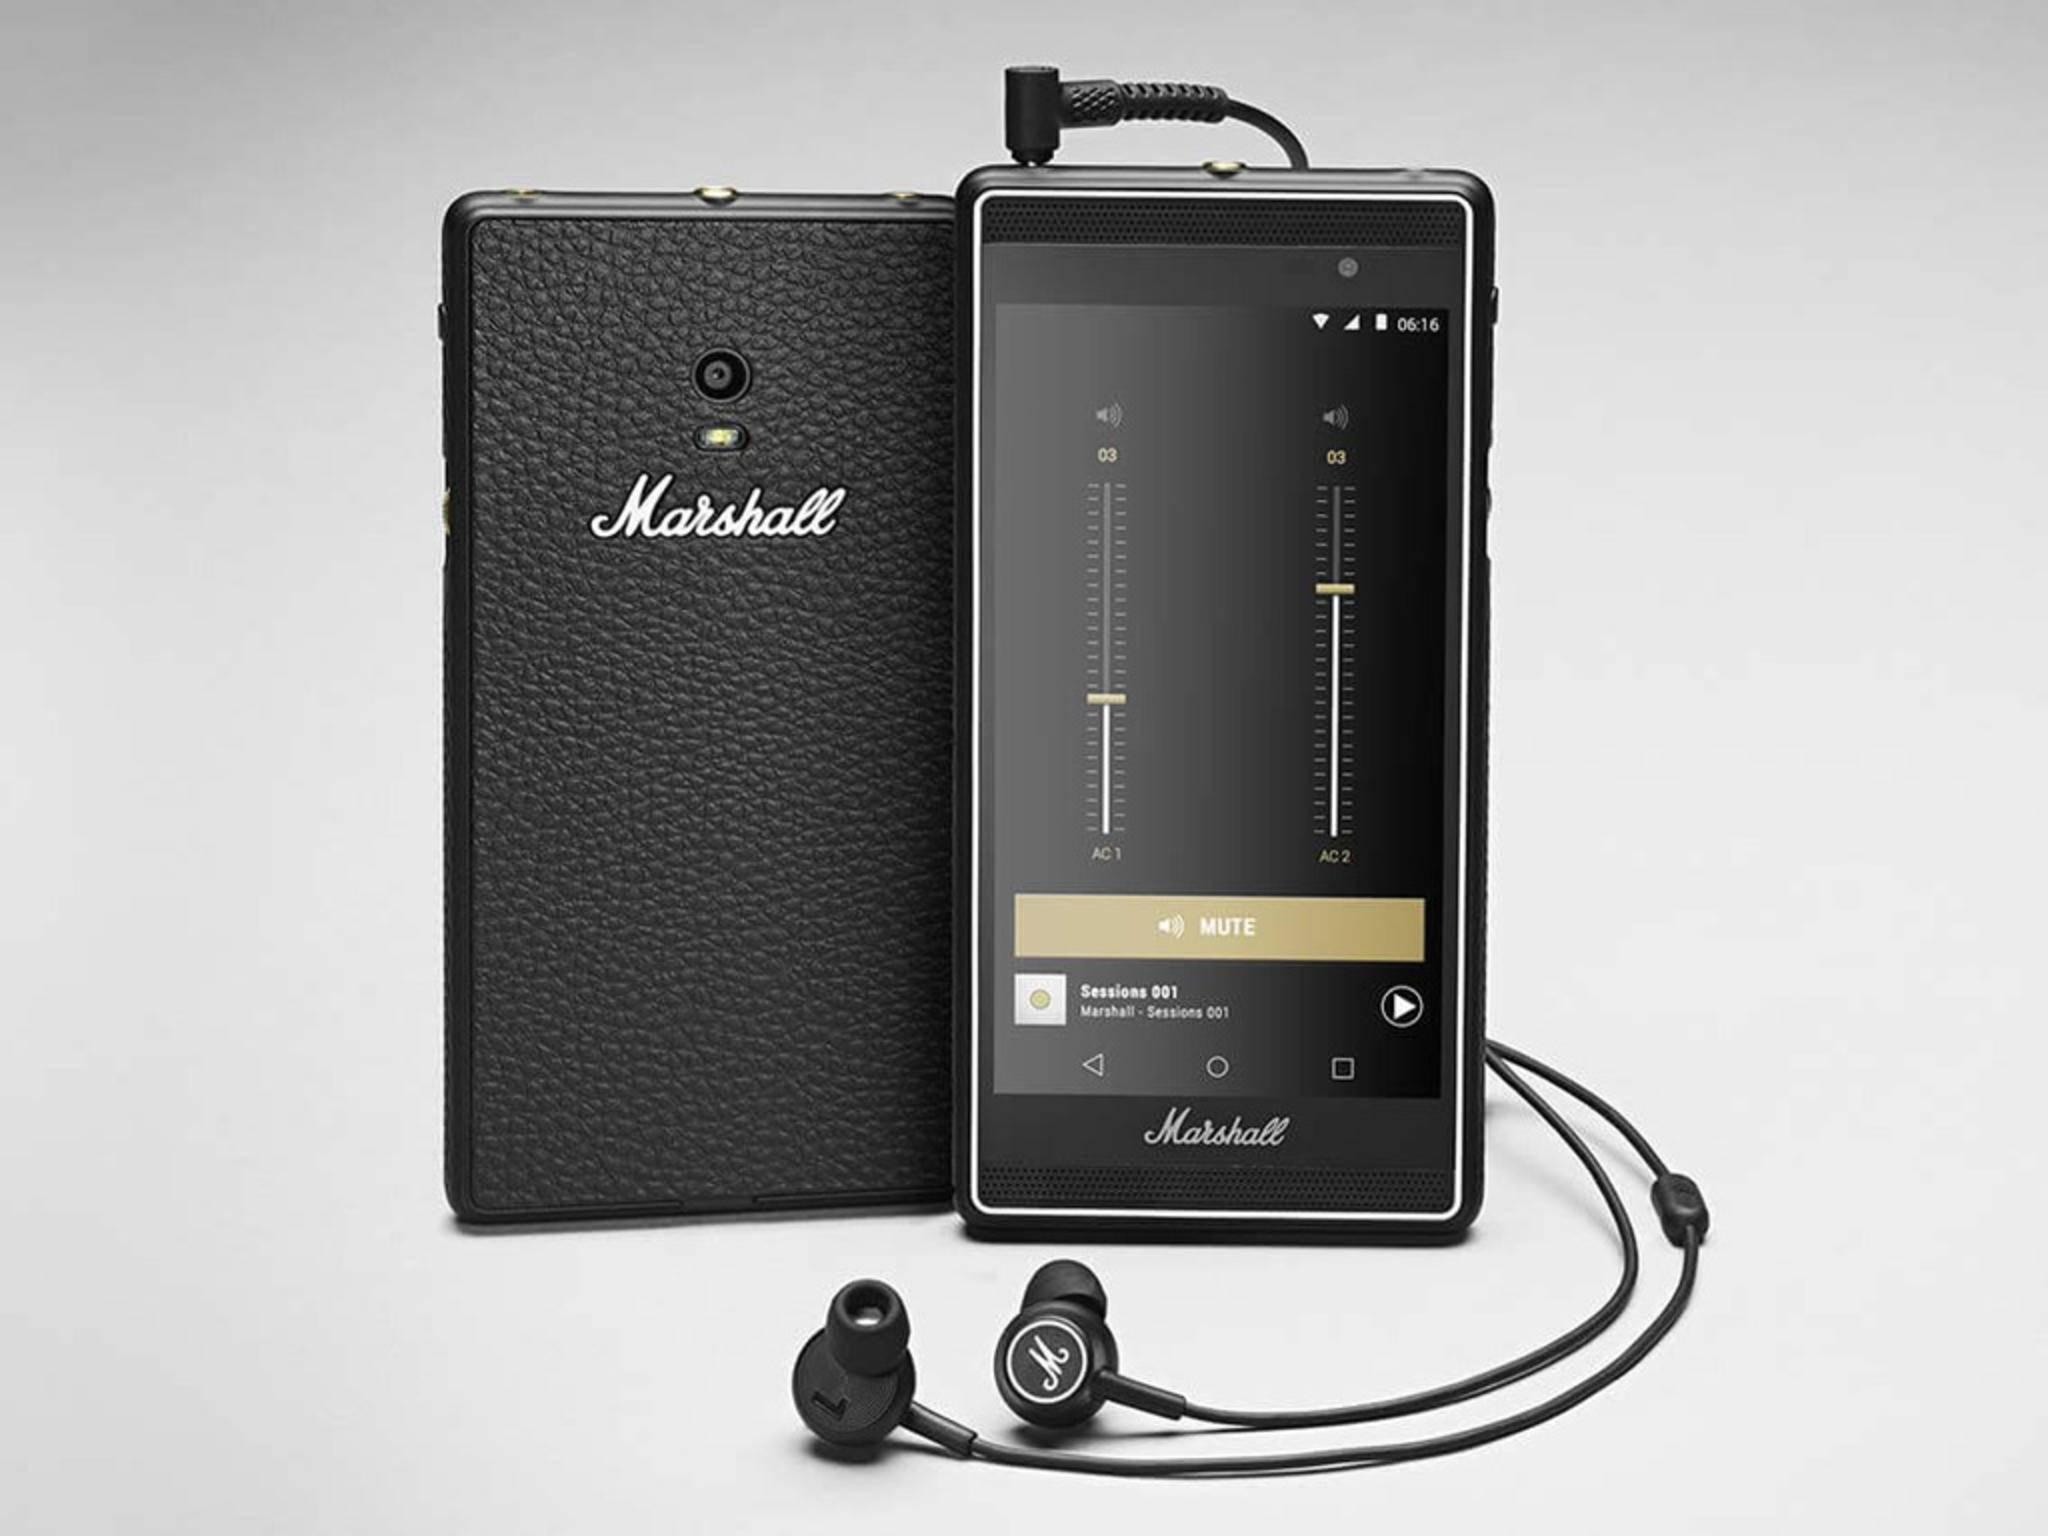 Marshall Headphones London